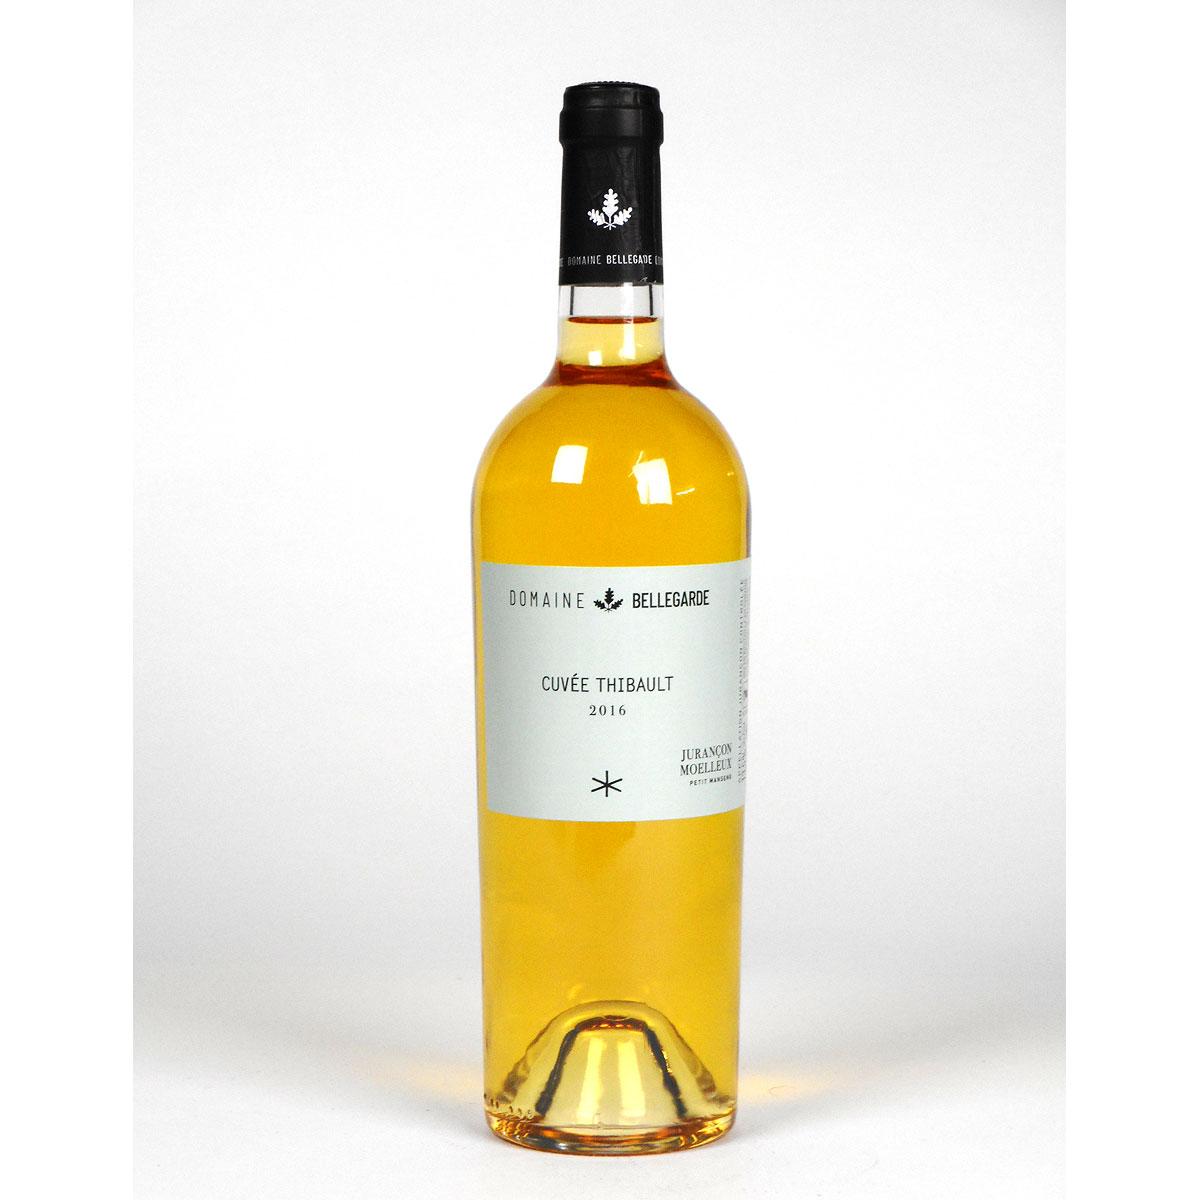 Jurançon Moelleux: Domaine Bellegarde 'Cuveé Thibault' 2016 - Wine Bottle